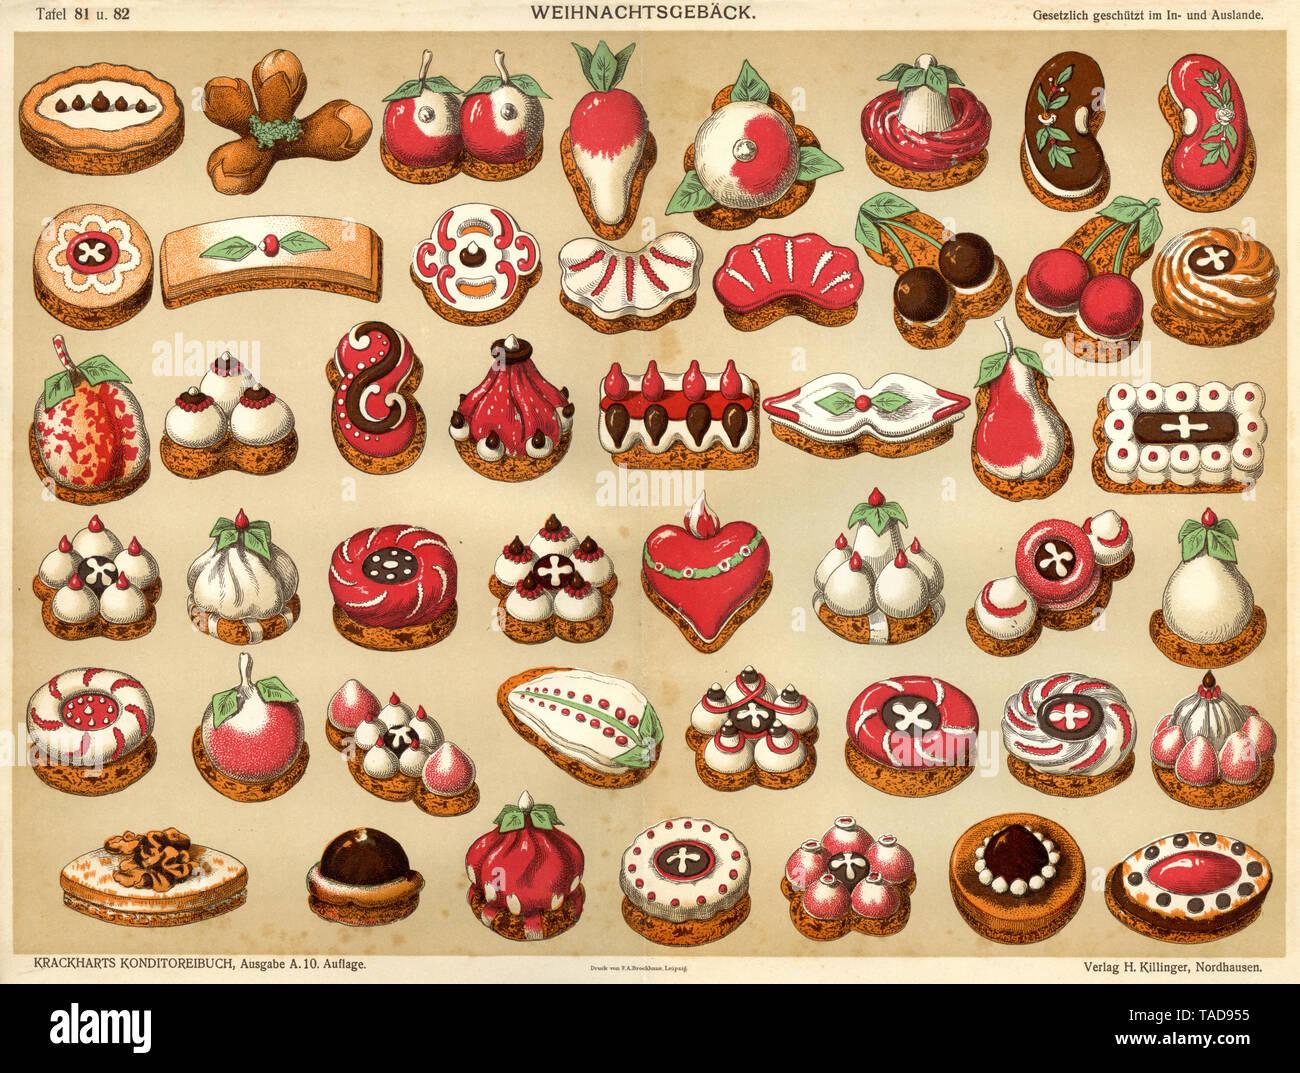 Weihnachtsgebäck Engelsaugen.Weihnachtsgebäck Stock Photos Weihnachtsgebäck Stock Images Alamy